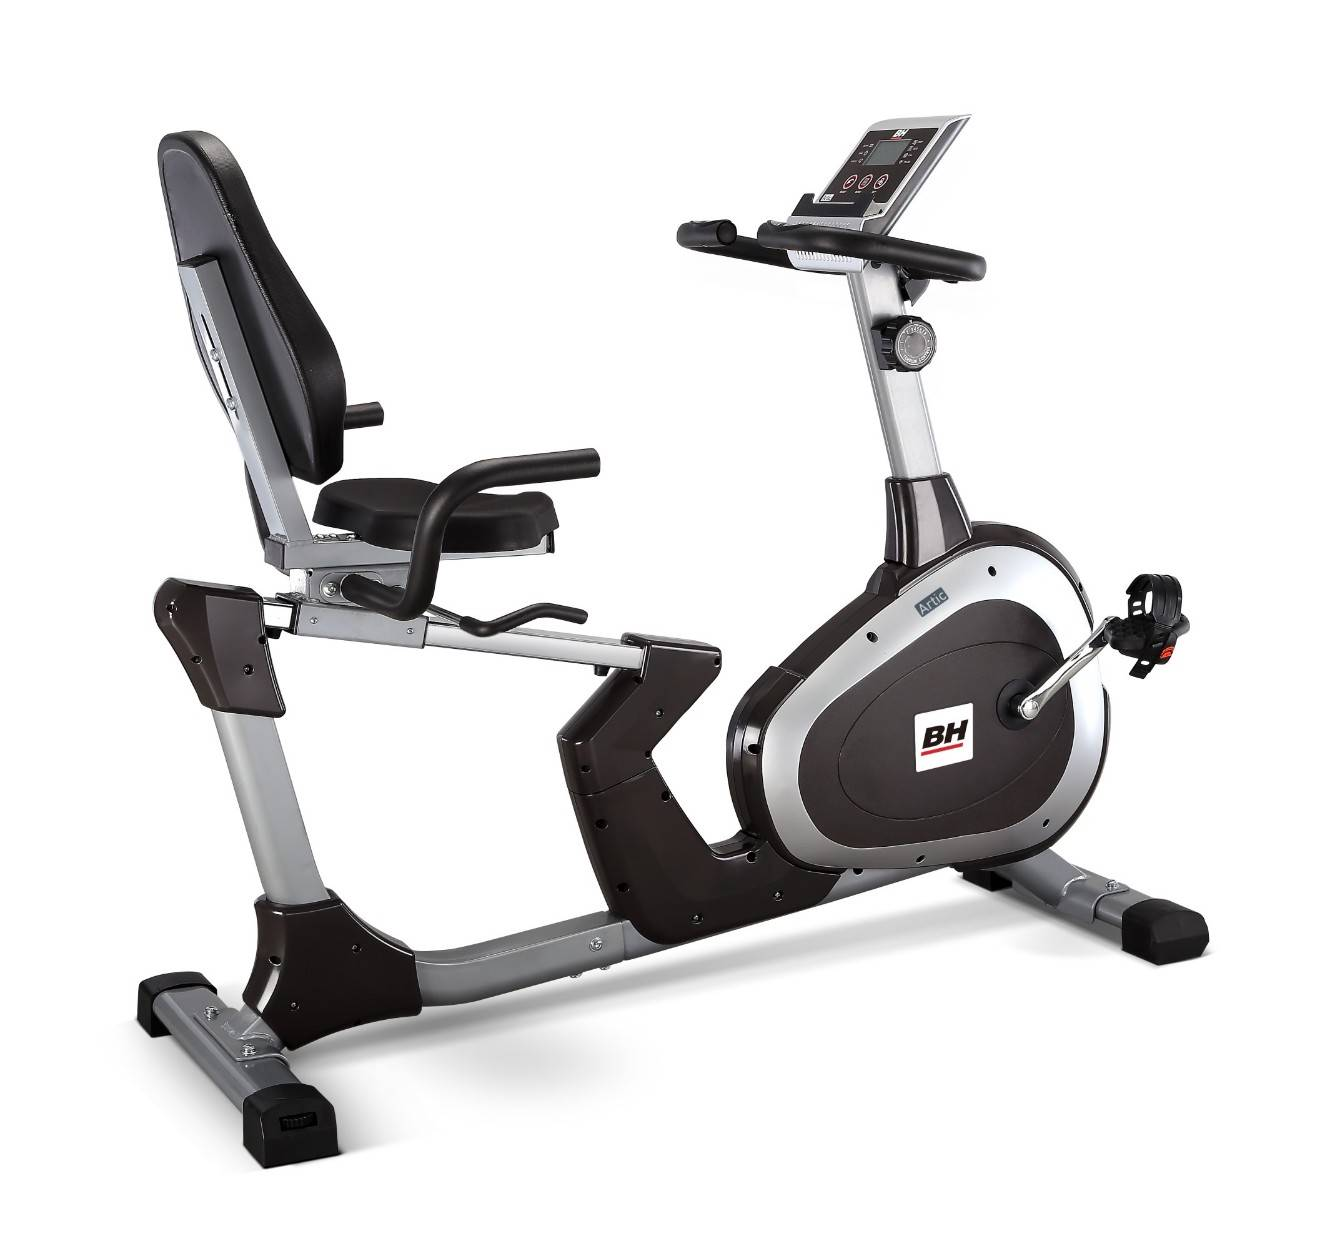 จักรยานเอนปั่น : BH Fitness H610 - 5 KG.